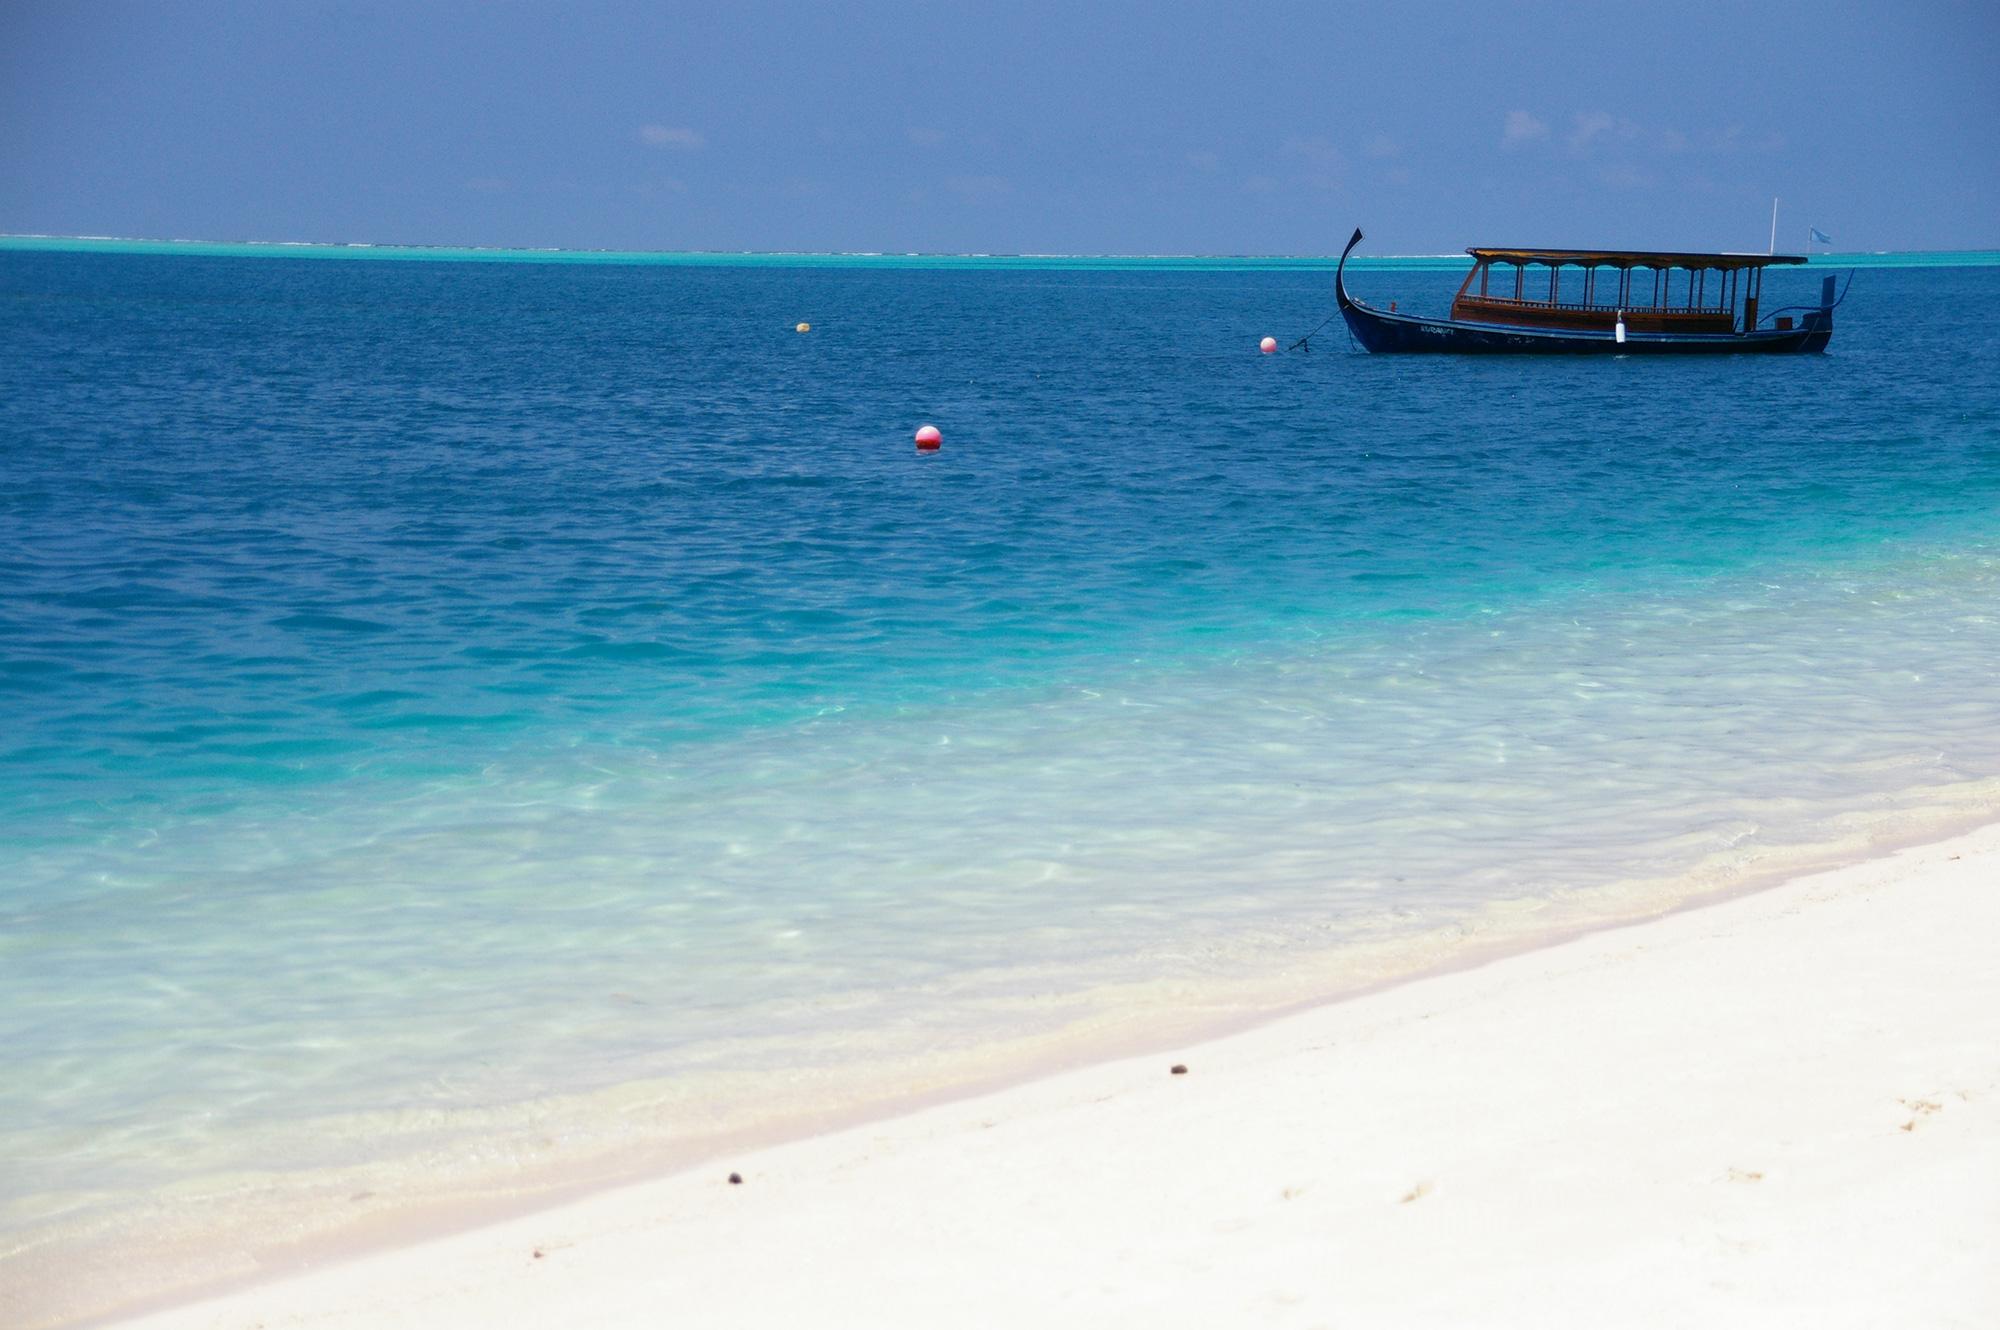 海に浮かぶ小船のフリー写真素材